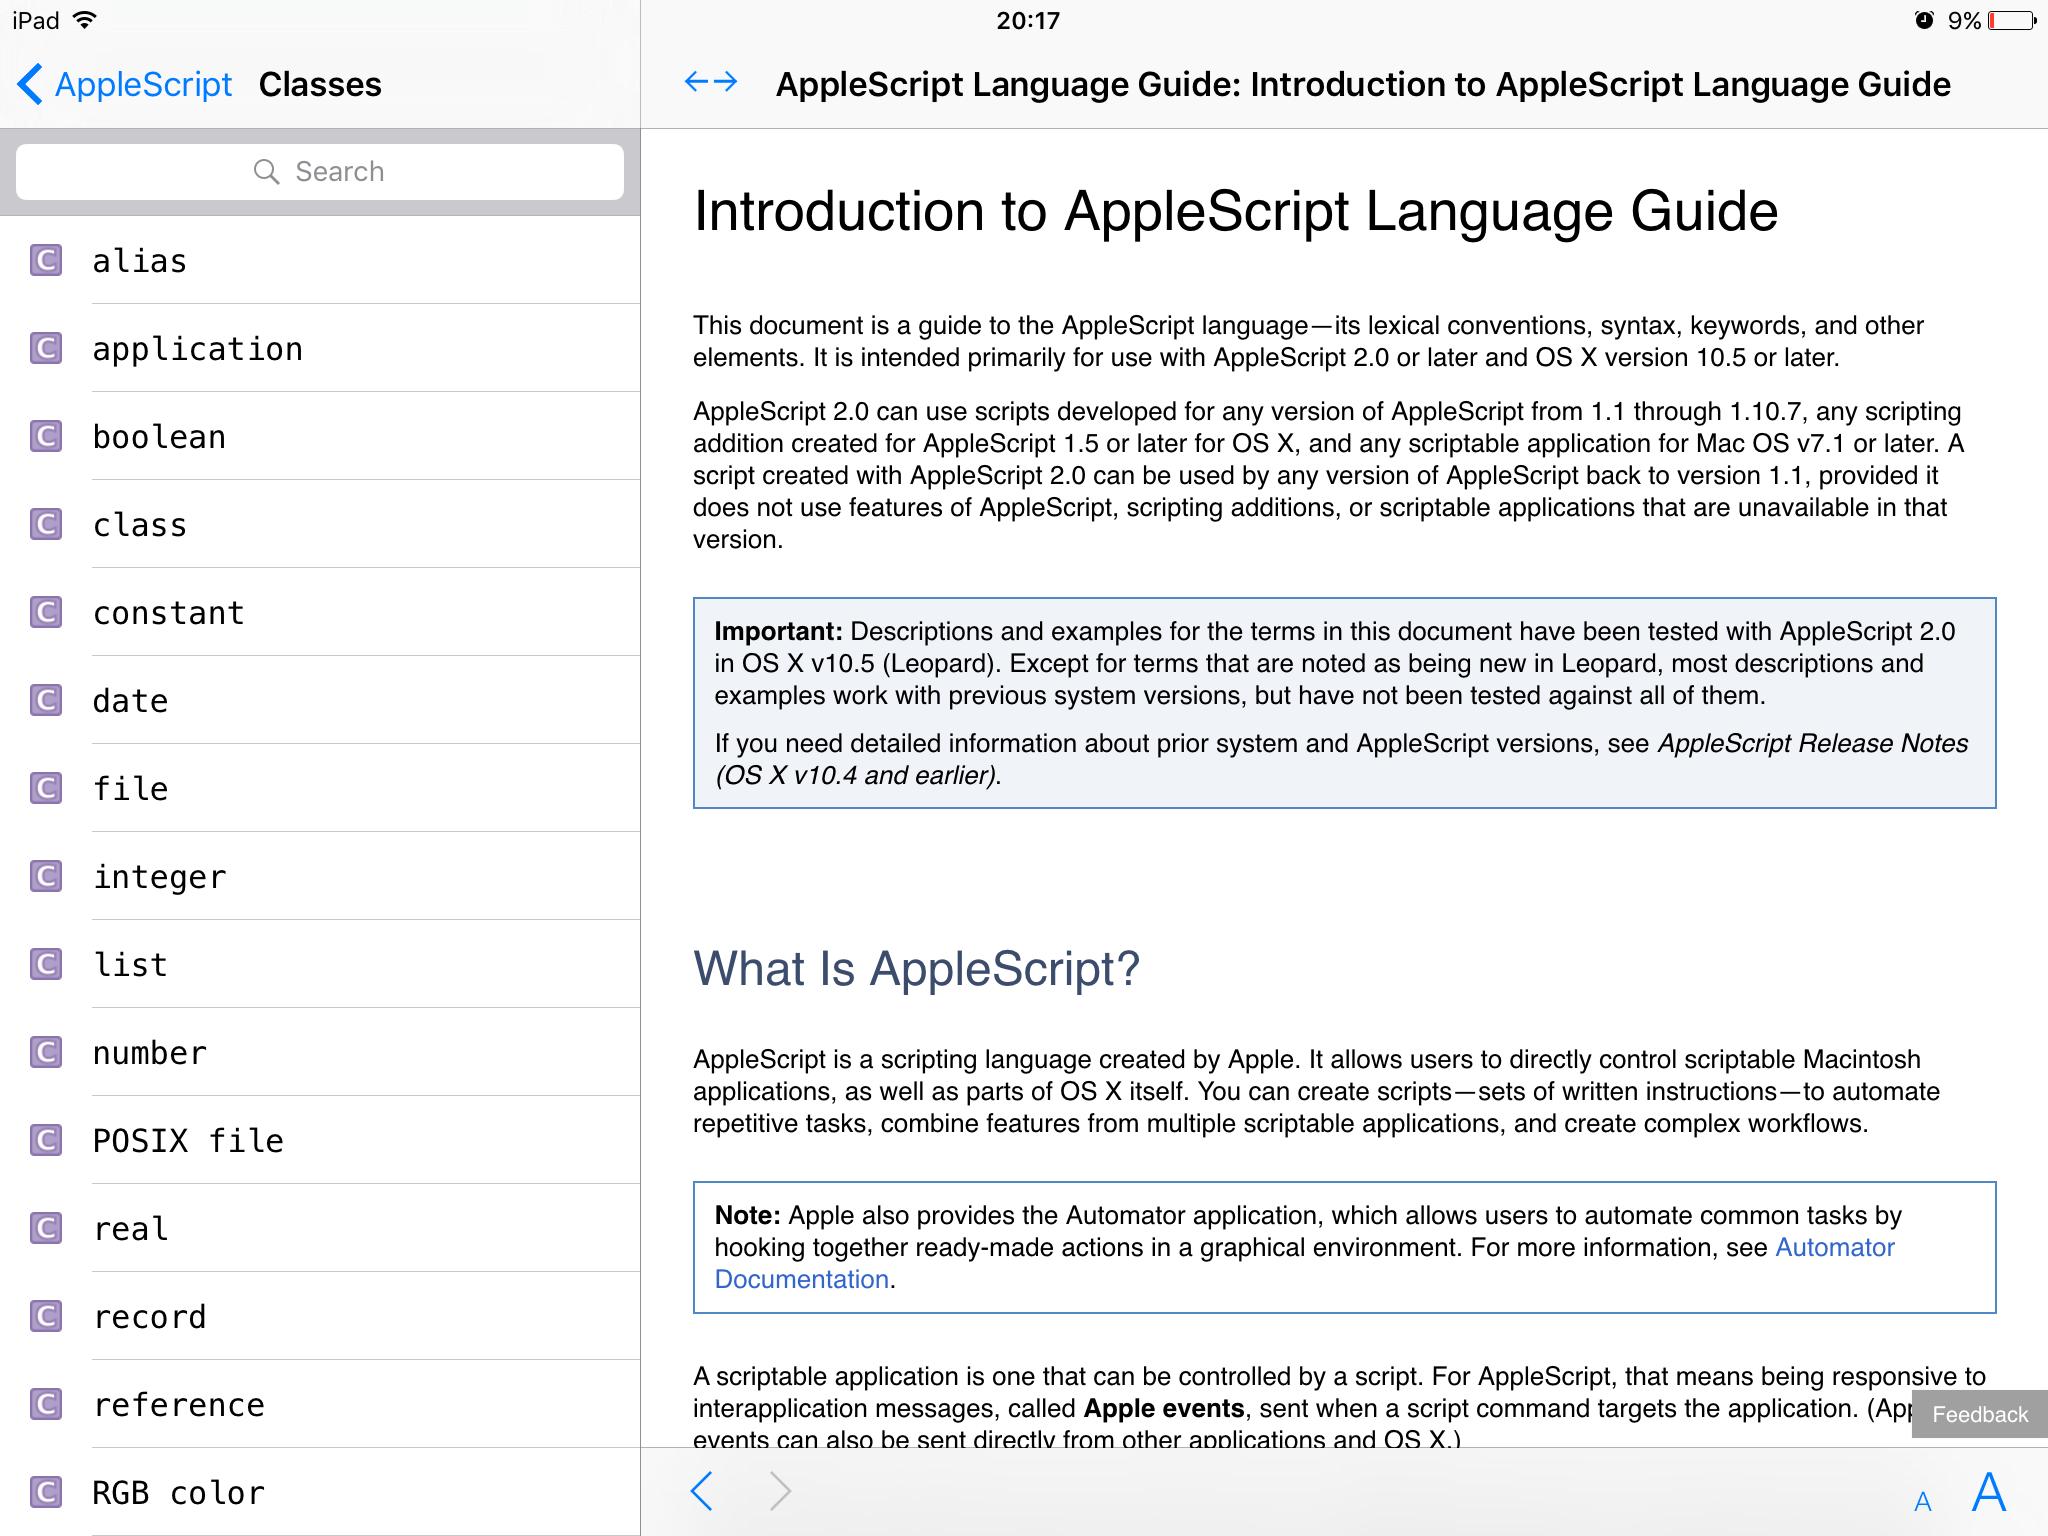 Введение в справочник по AppleScript